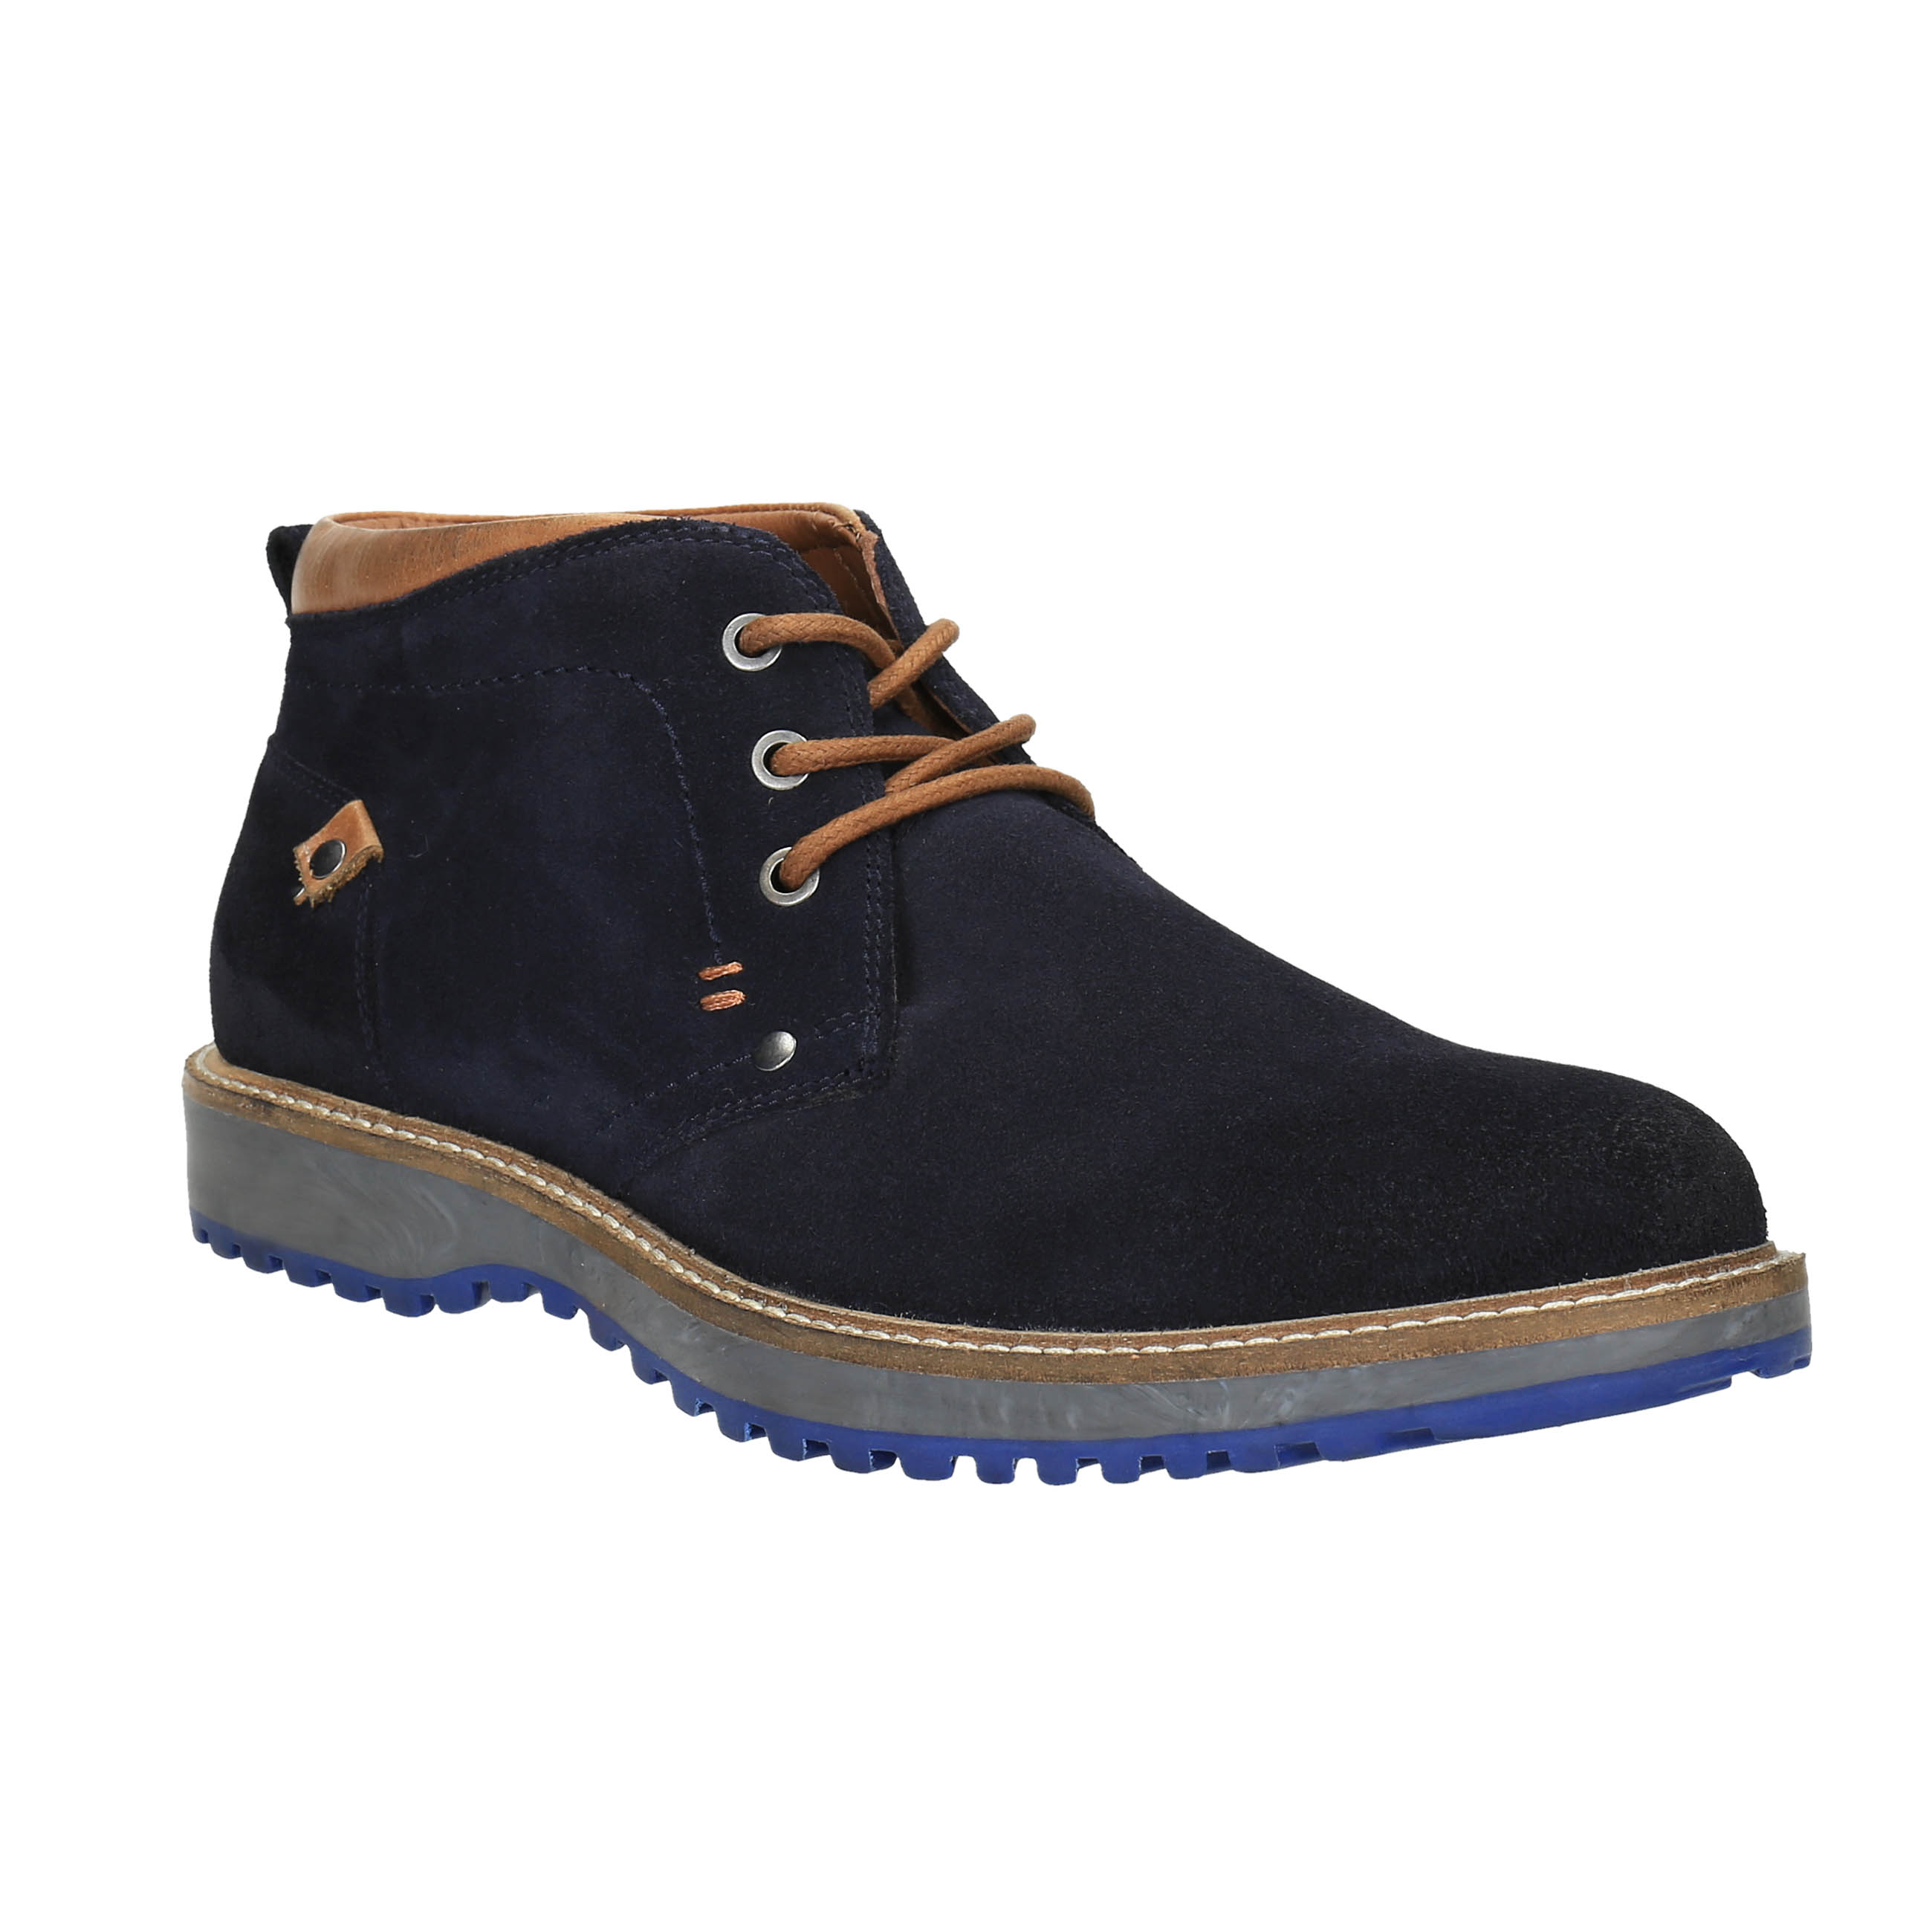 Pánská obuv ve stylu Chukka Boots